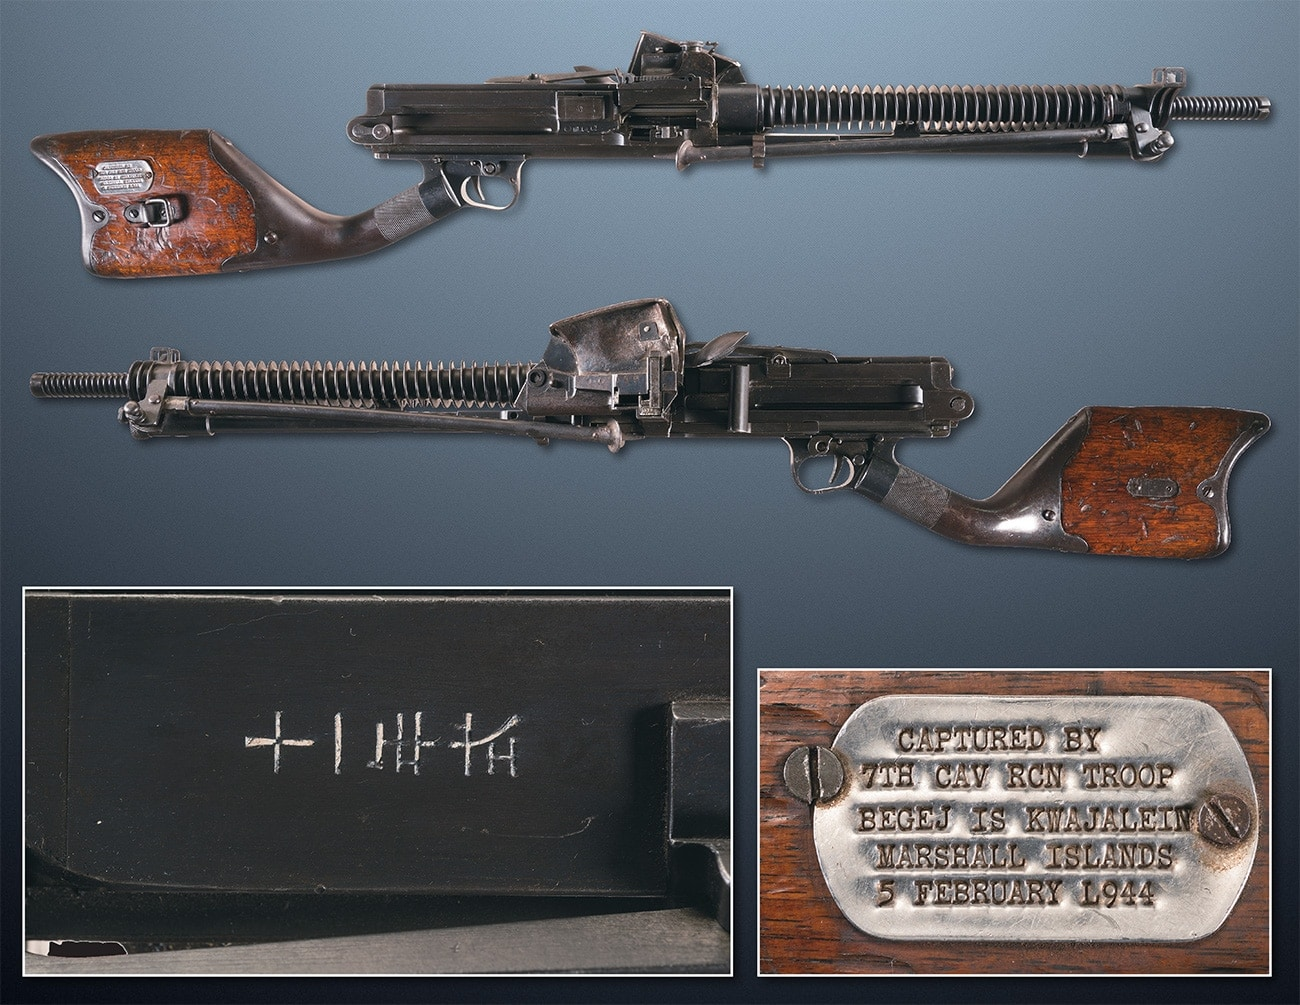 Captured by 7th cav rcn trp Kwaj 5 Feb 1944 Hotchkiss machine gun japanese ria